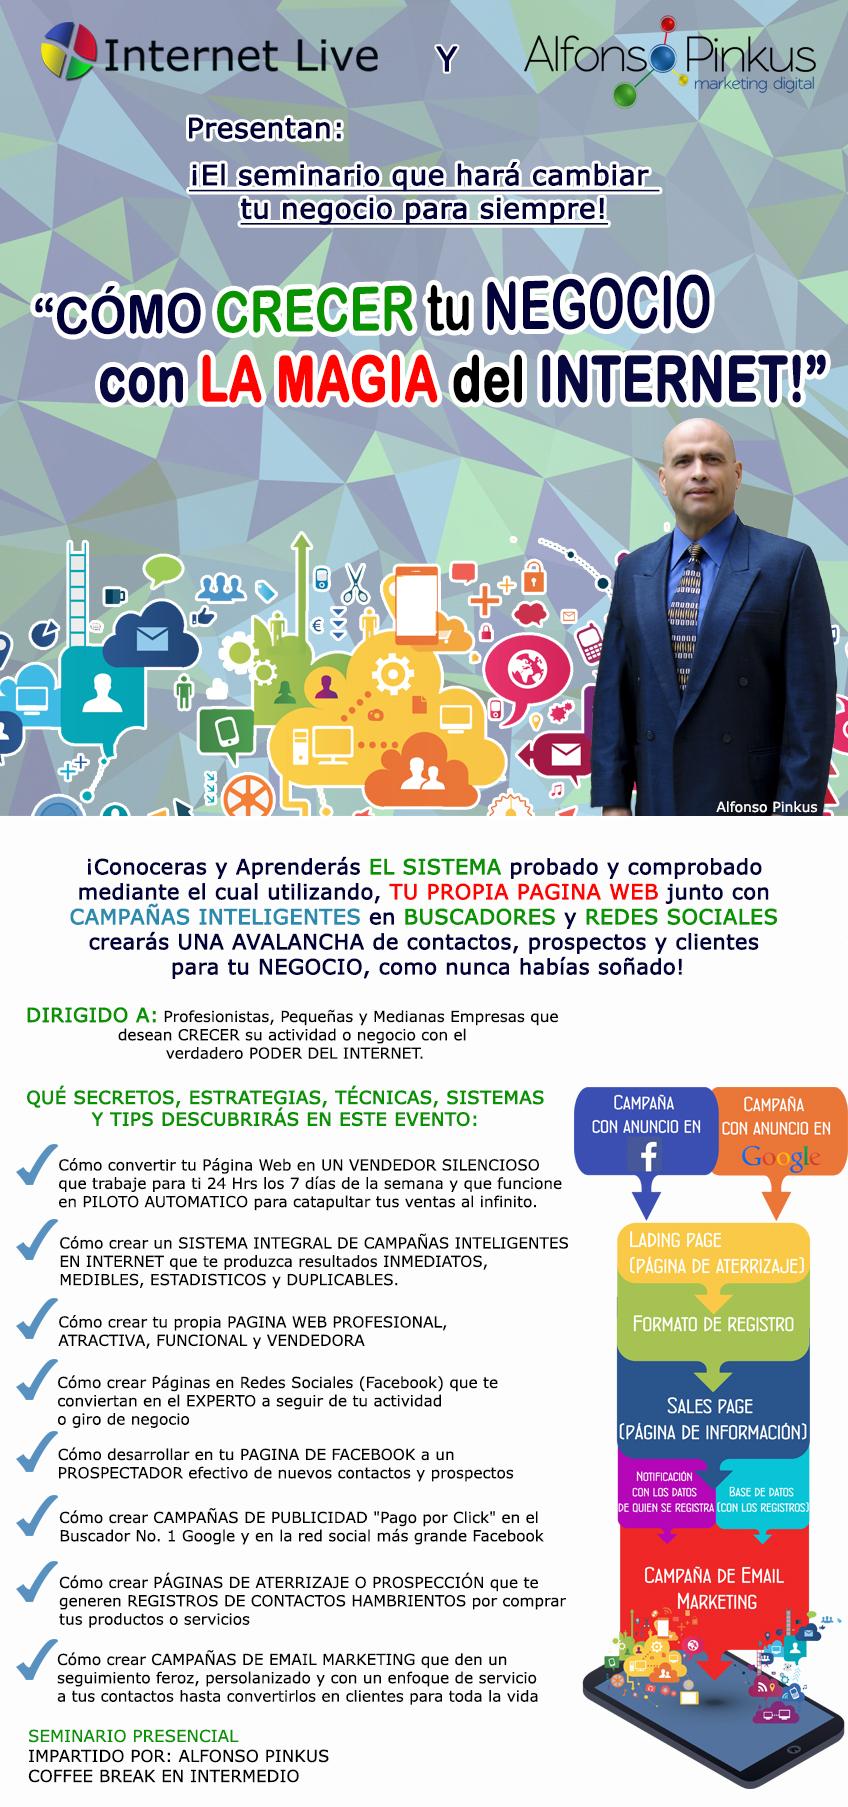 alfonso pinkus - seminario de como crecer tu negocio con la magia del internet en la ciudad de cancun quintana roo